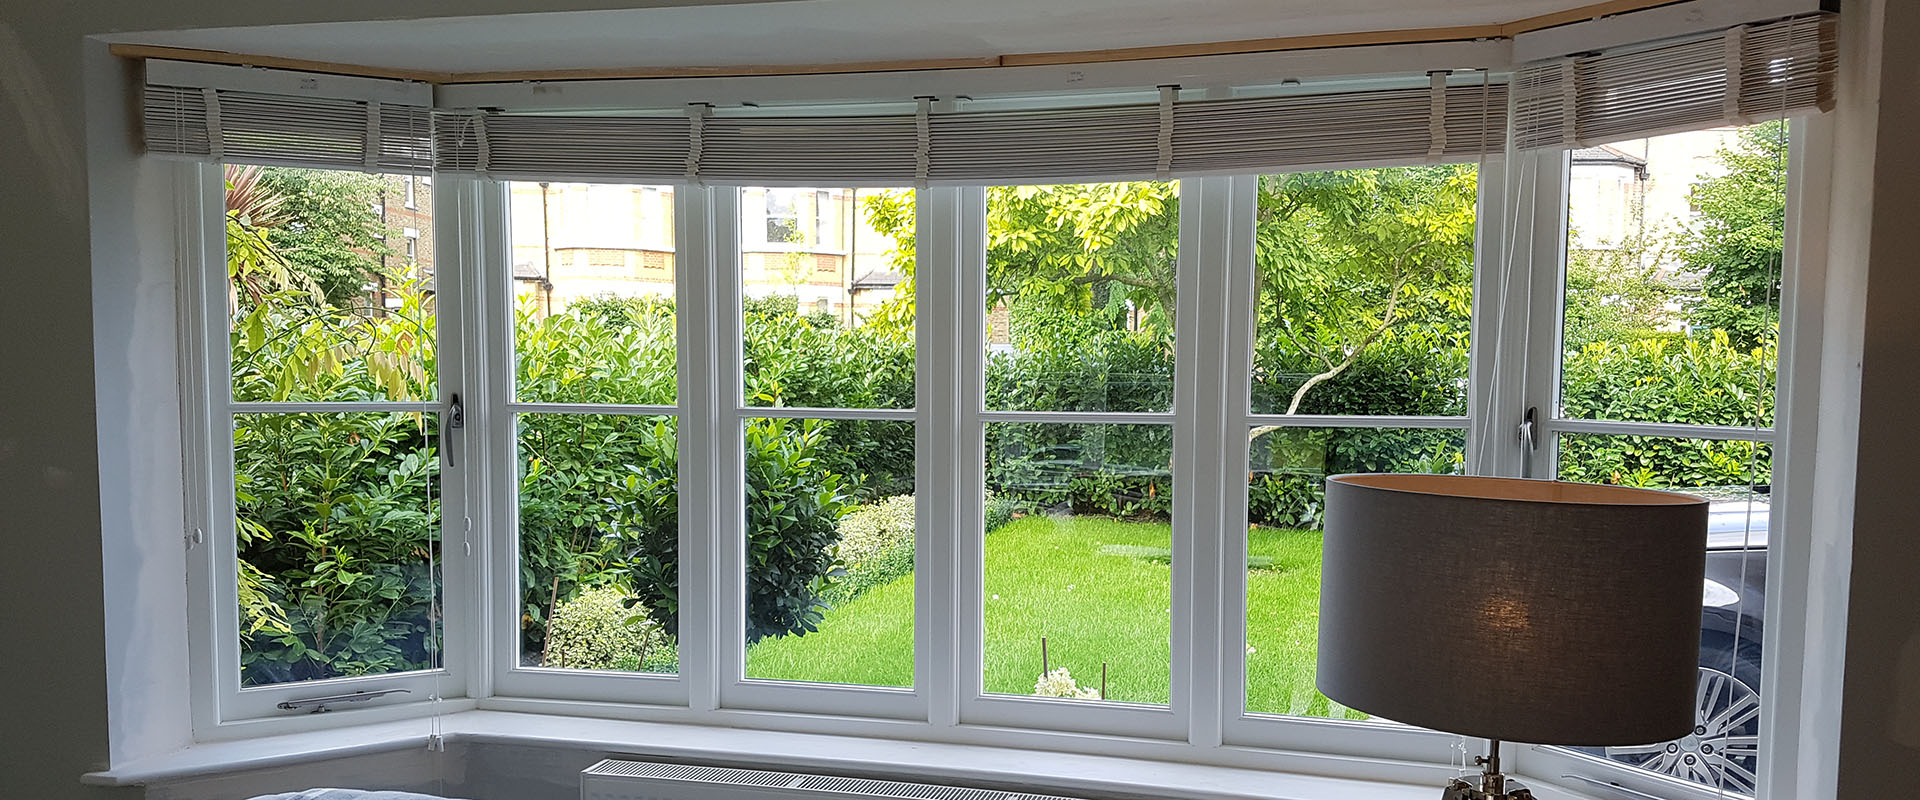 Bespoke Wooden Windows and Doors In Kent